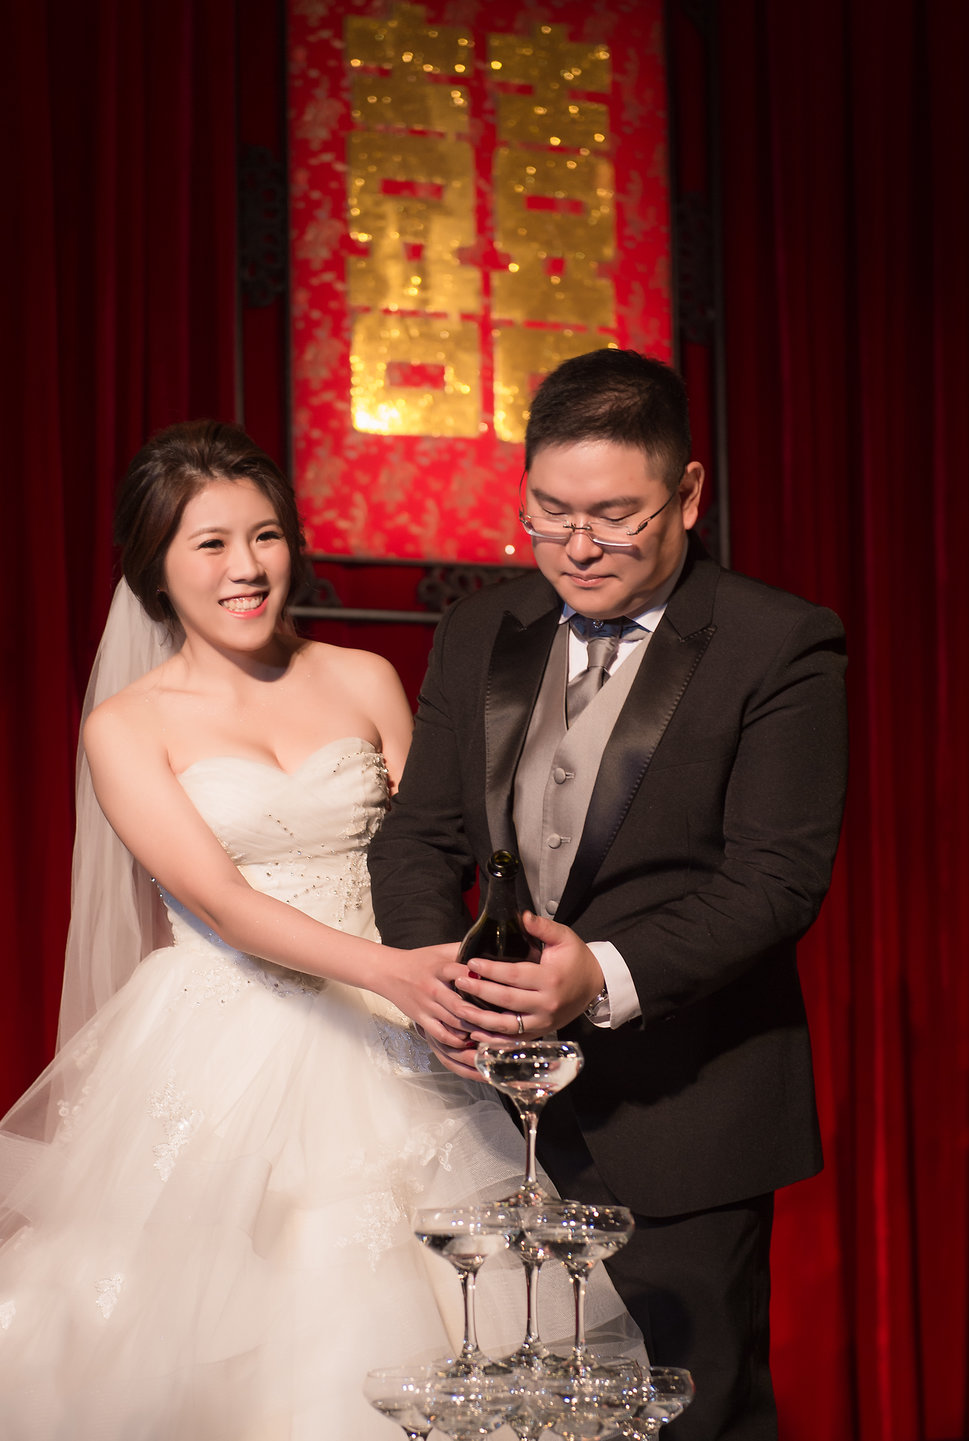 [台北婚攝] 文定婚禮紀錄 台北君悅酒店(編號:431996) - LoveStoryAllen IMAGE - 結婚吧一站式婚禮服務平台